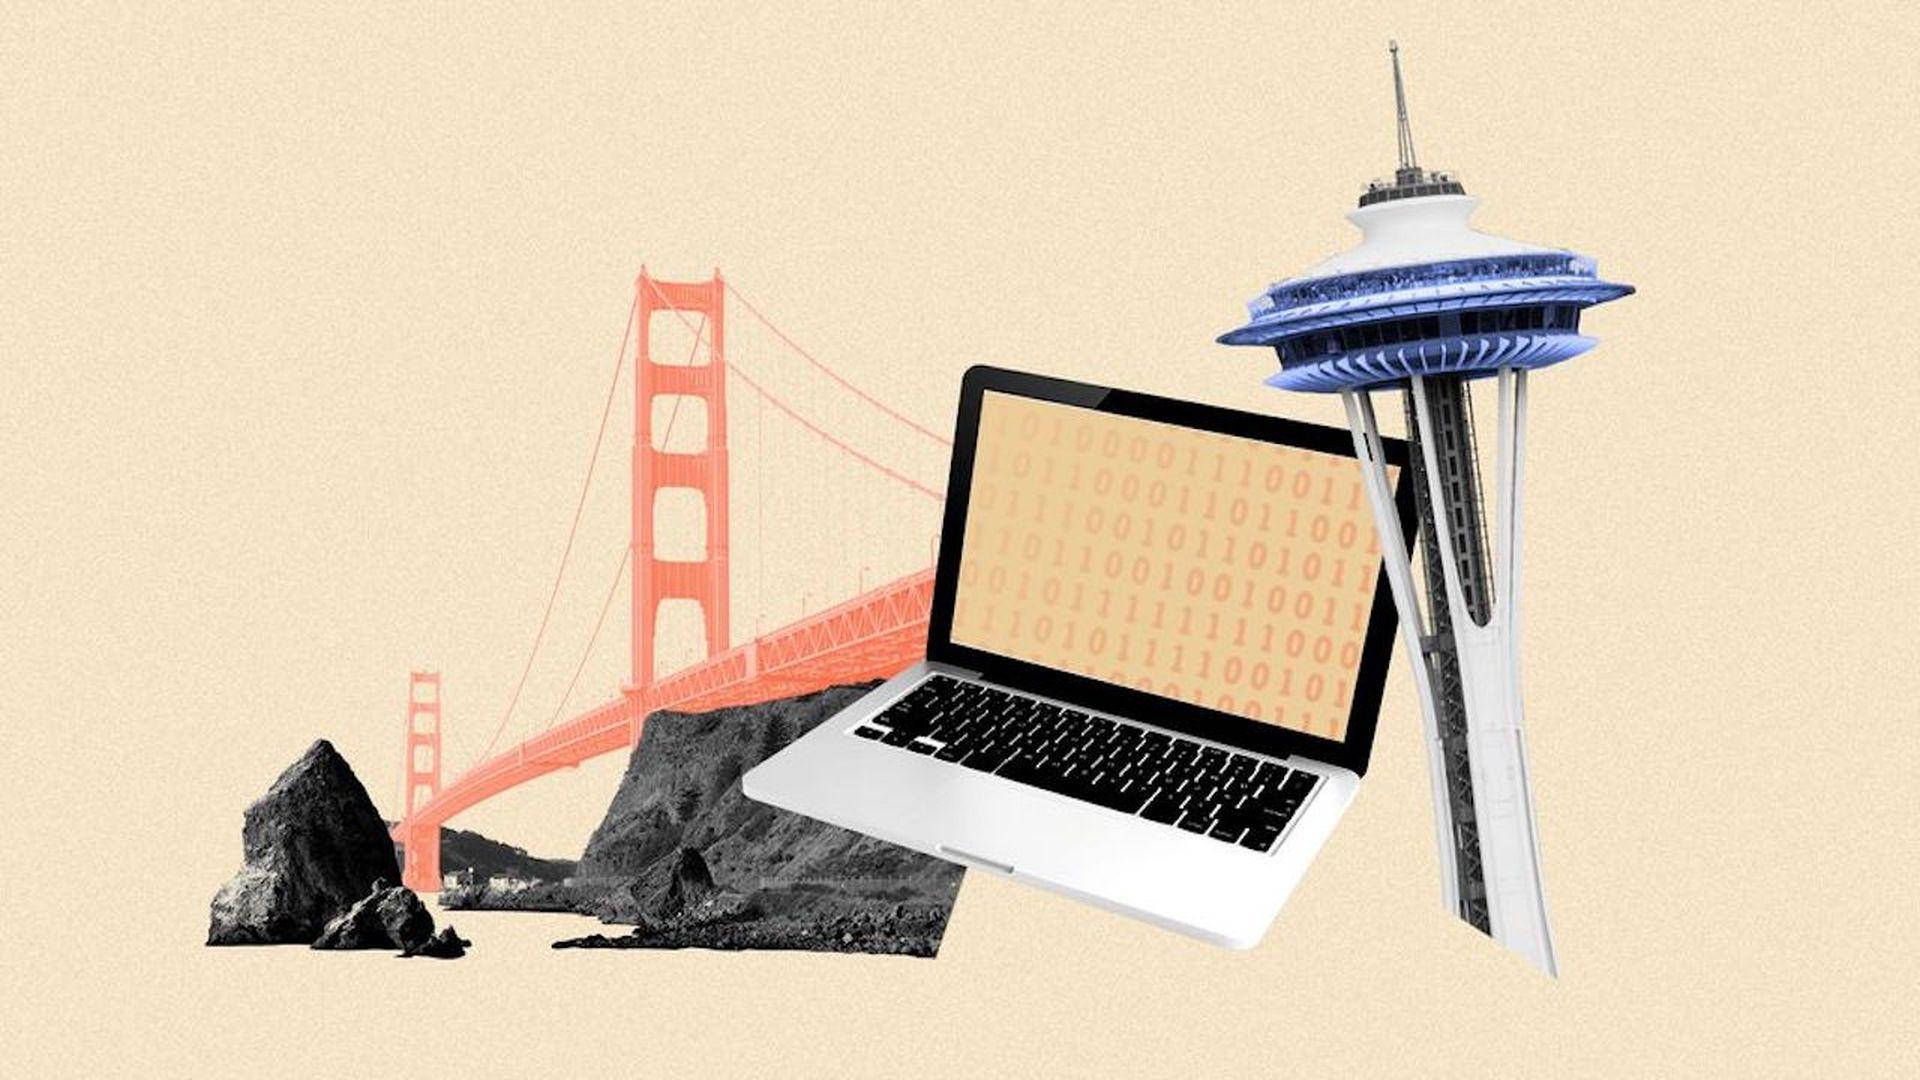 Big Tech in U.S. cities